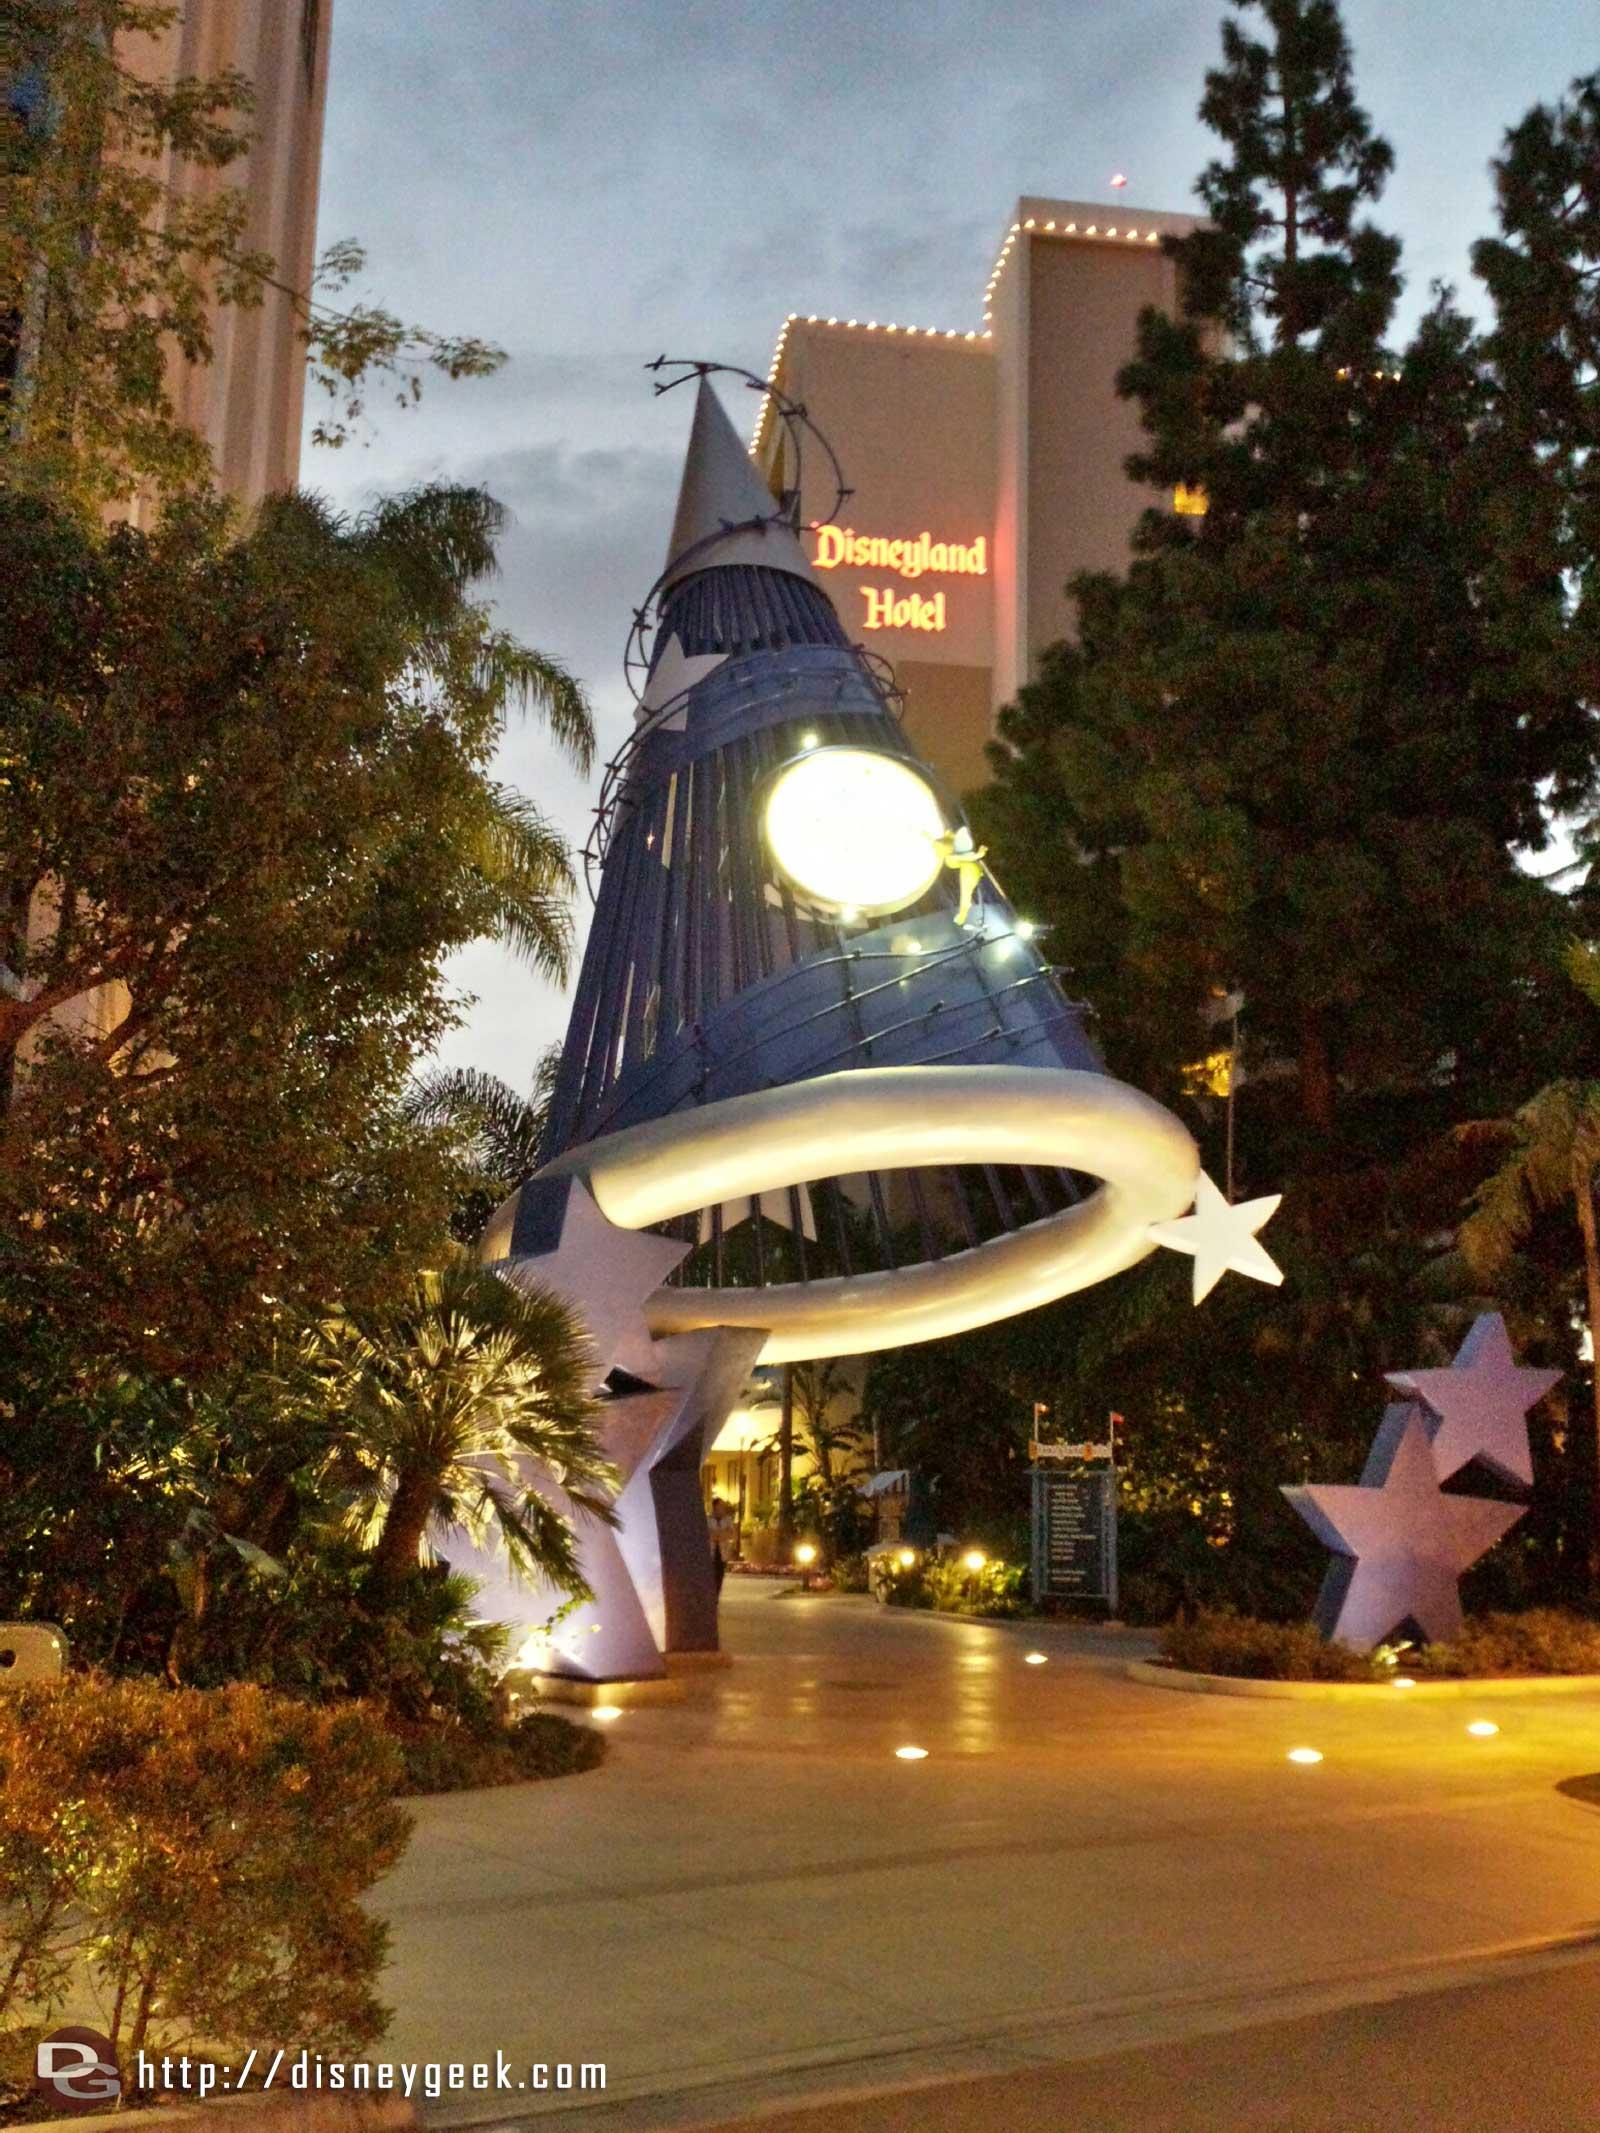 #Disneyland Hotel sorcerer hat